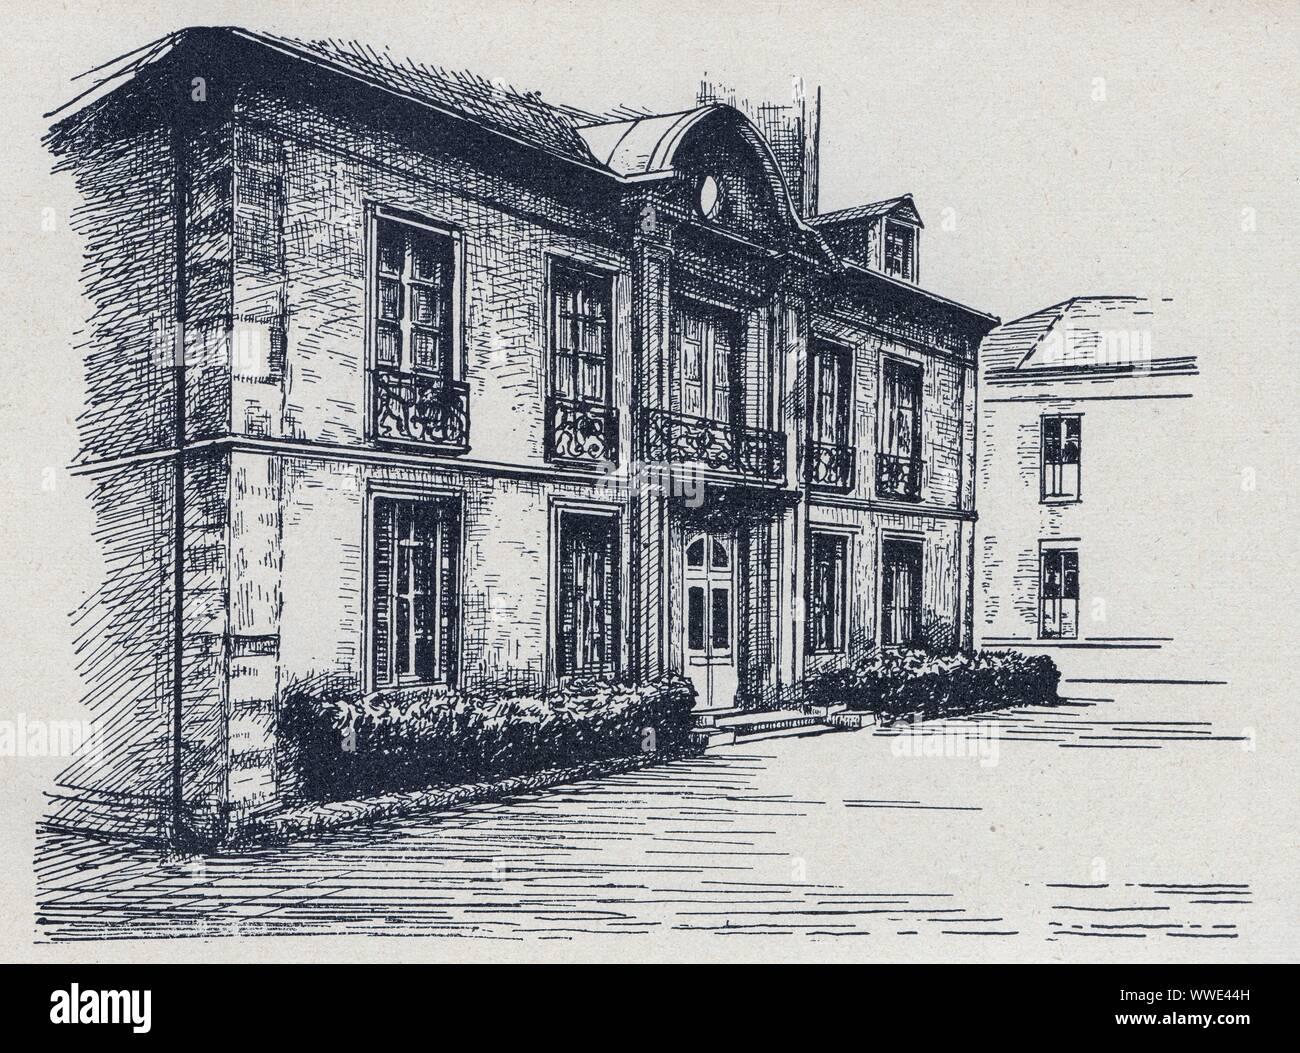 La Maison Bleue Issy Les Moulineaux bazin stock photos & bazin stock images - alamy